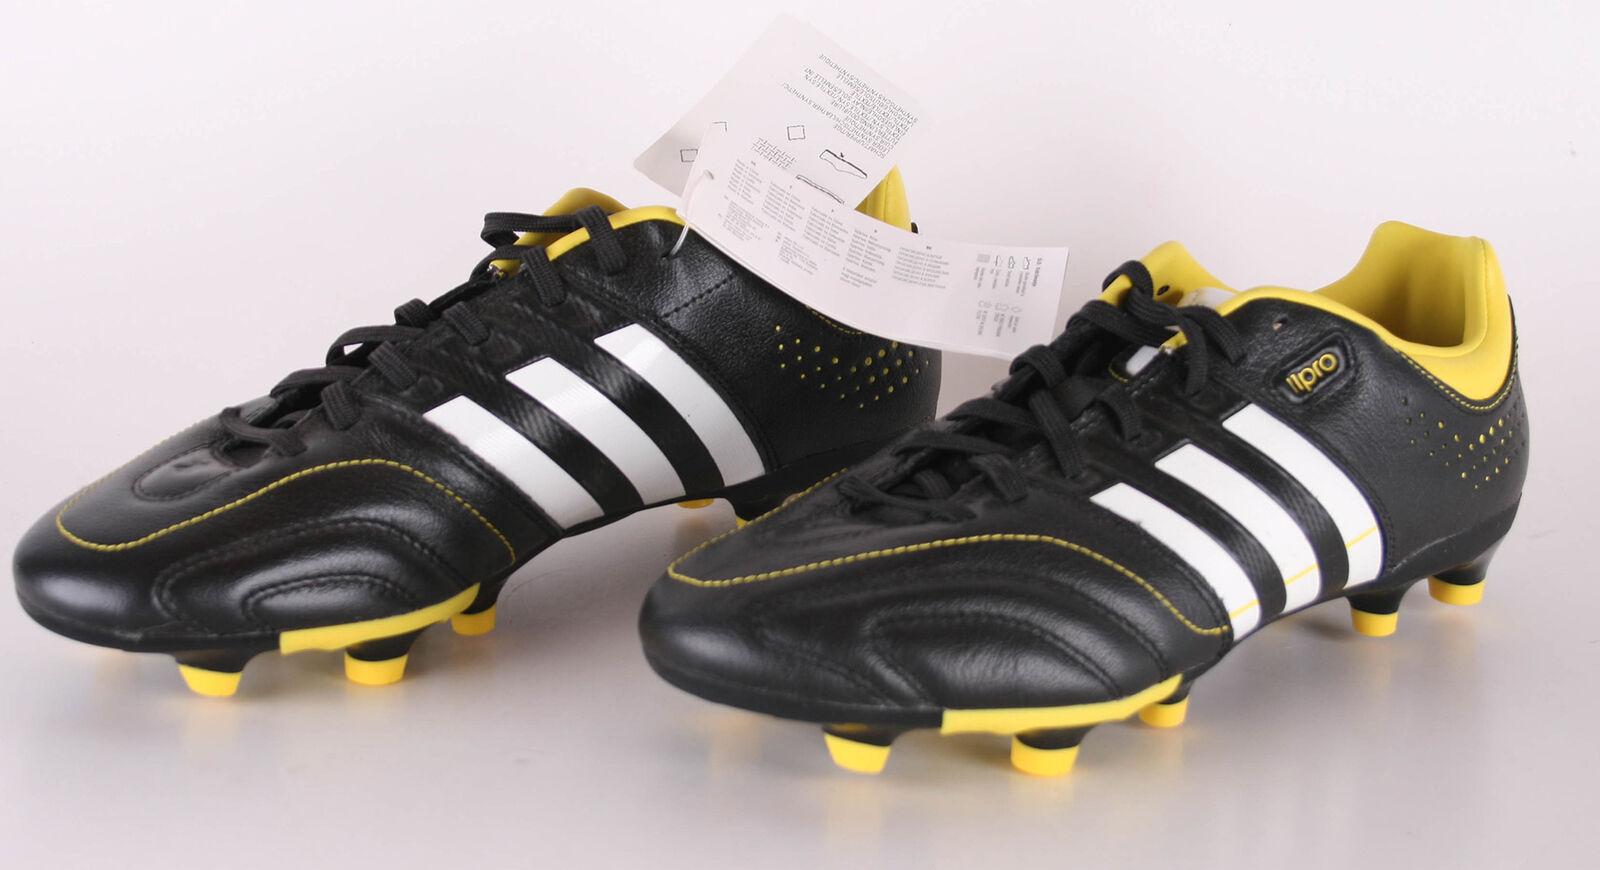 Adidas 11 Núcleo TRX Fg botas de Fútbol Eu 40